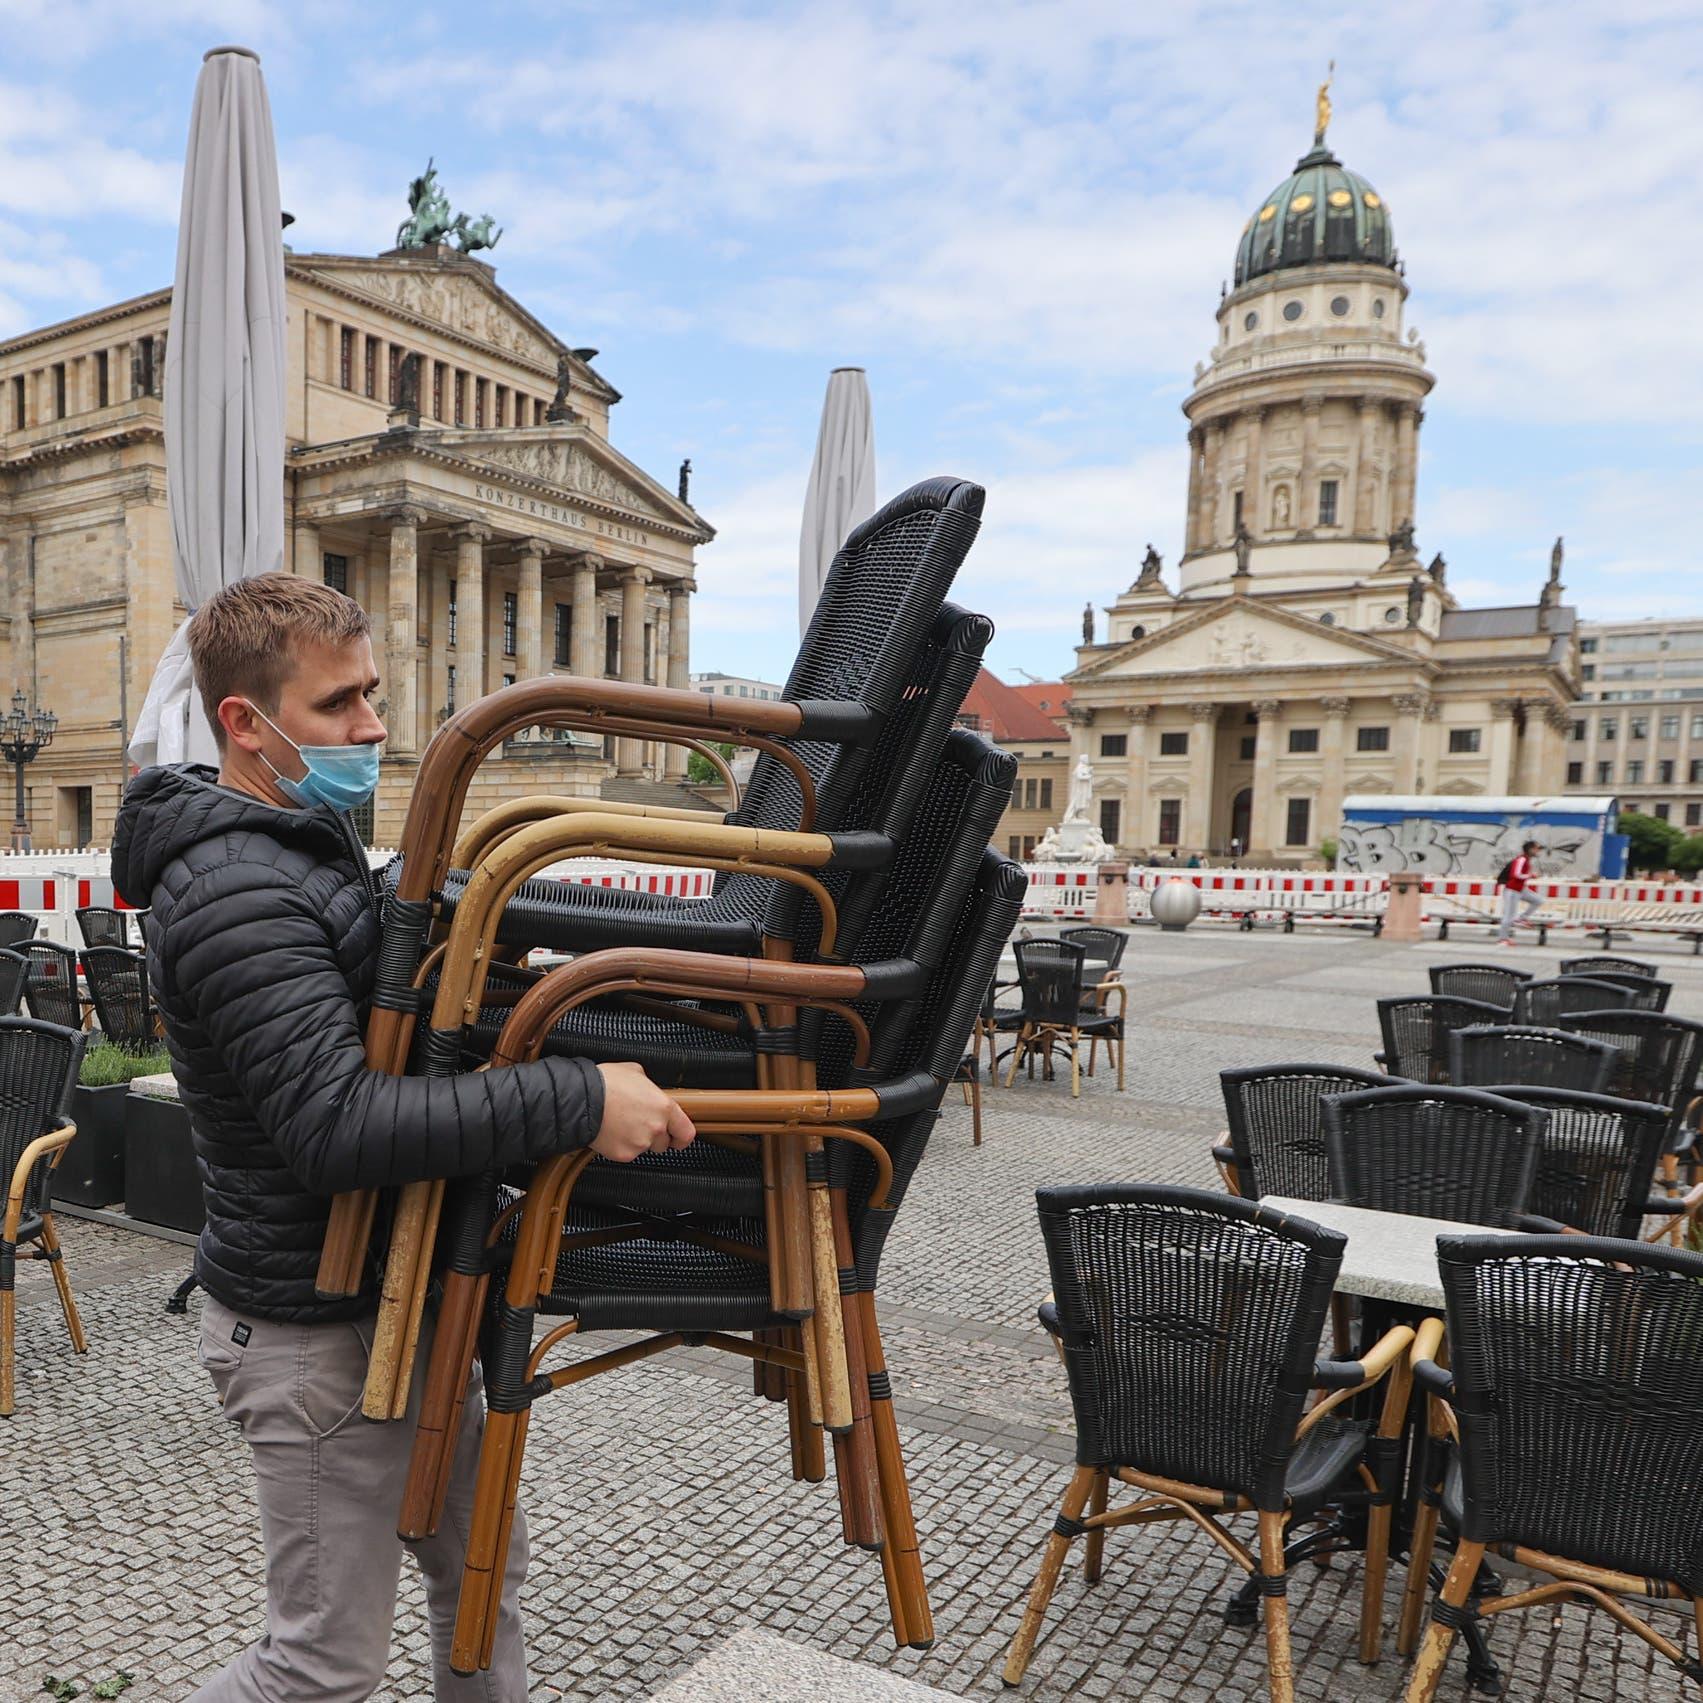 ألمانيا تعتزم إصدار سندات بـ 6.5 مليار يورو